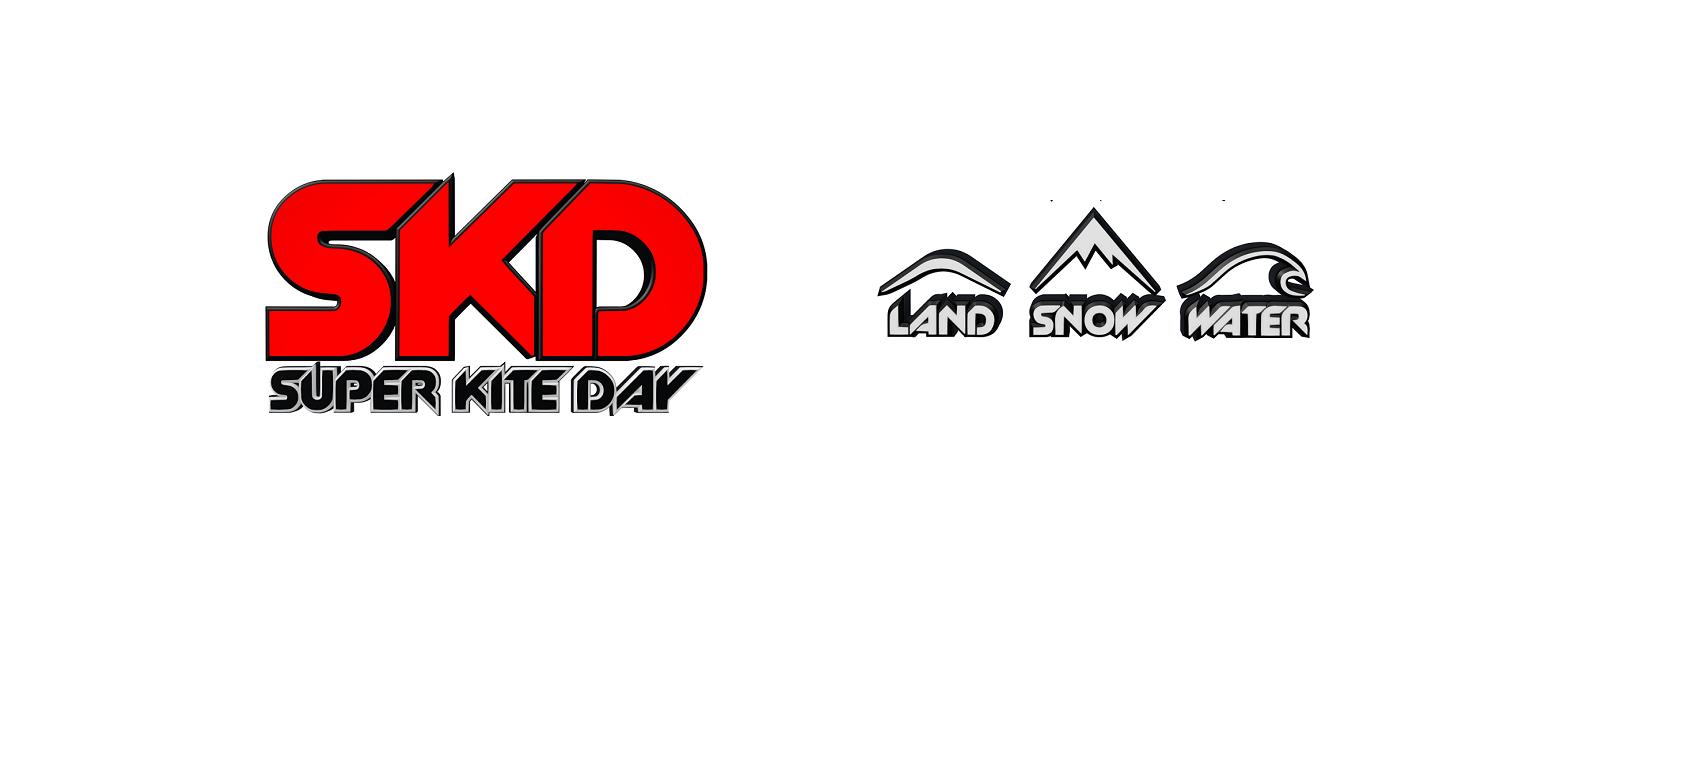 Super Kite Day